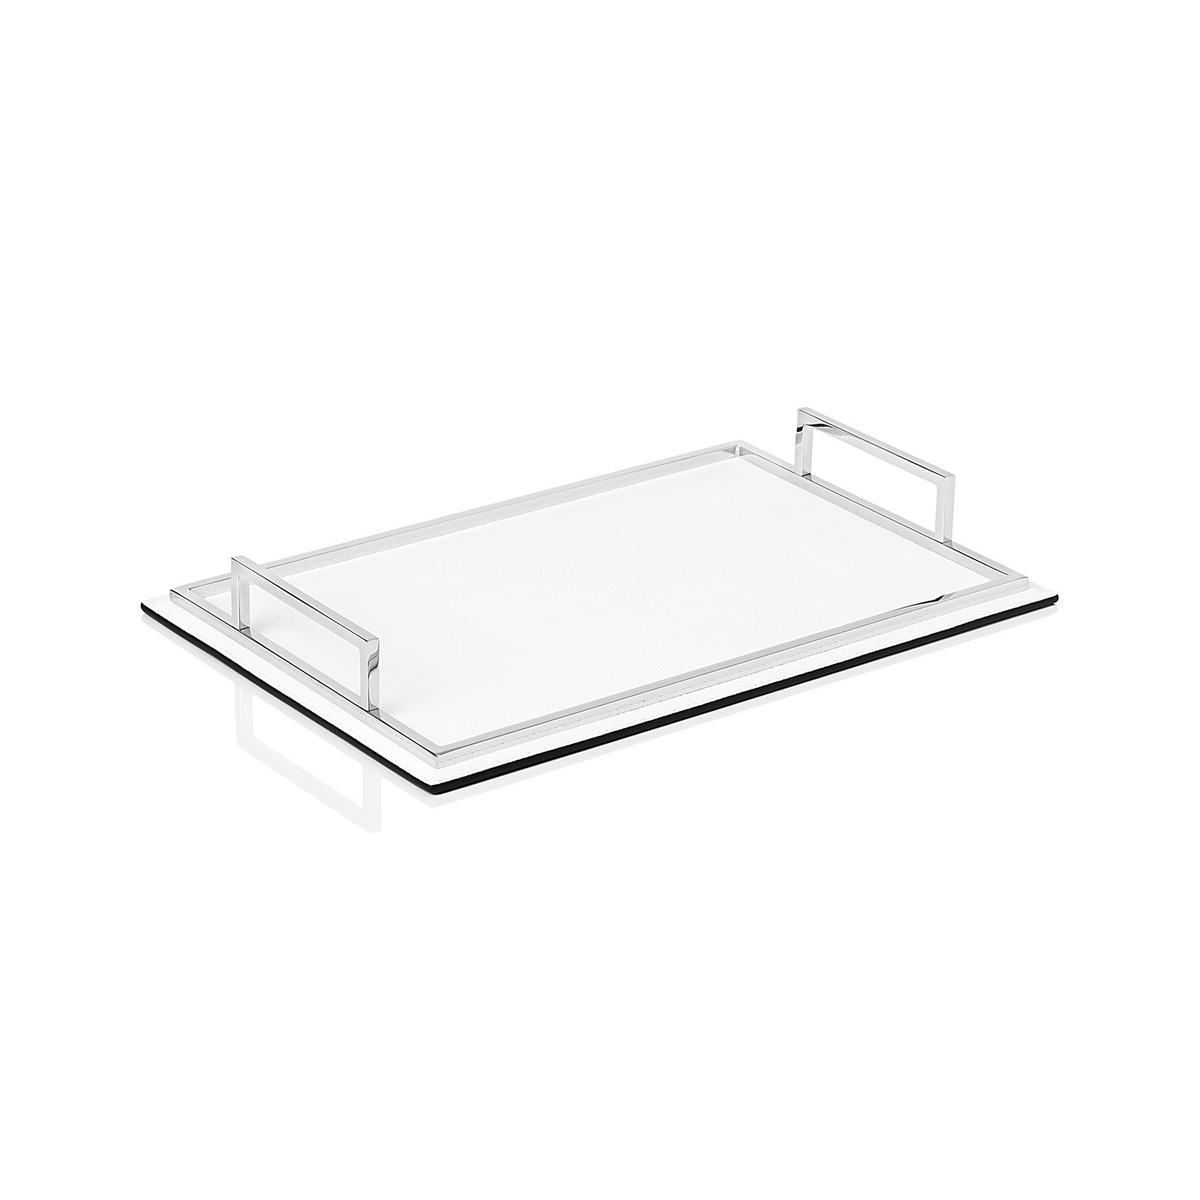 giobagnara phorma rectangular tray rectangular small giobagnara